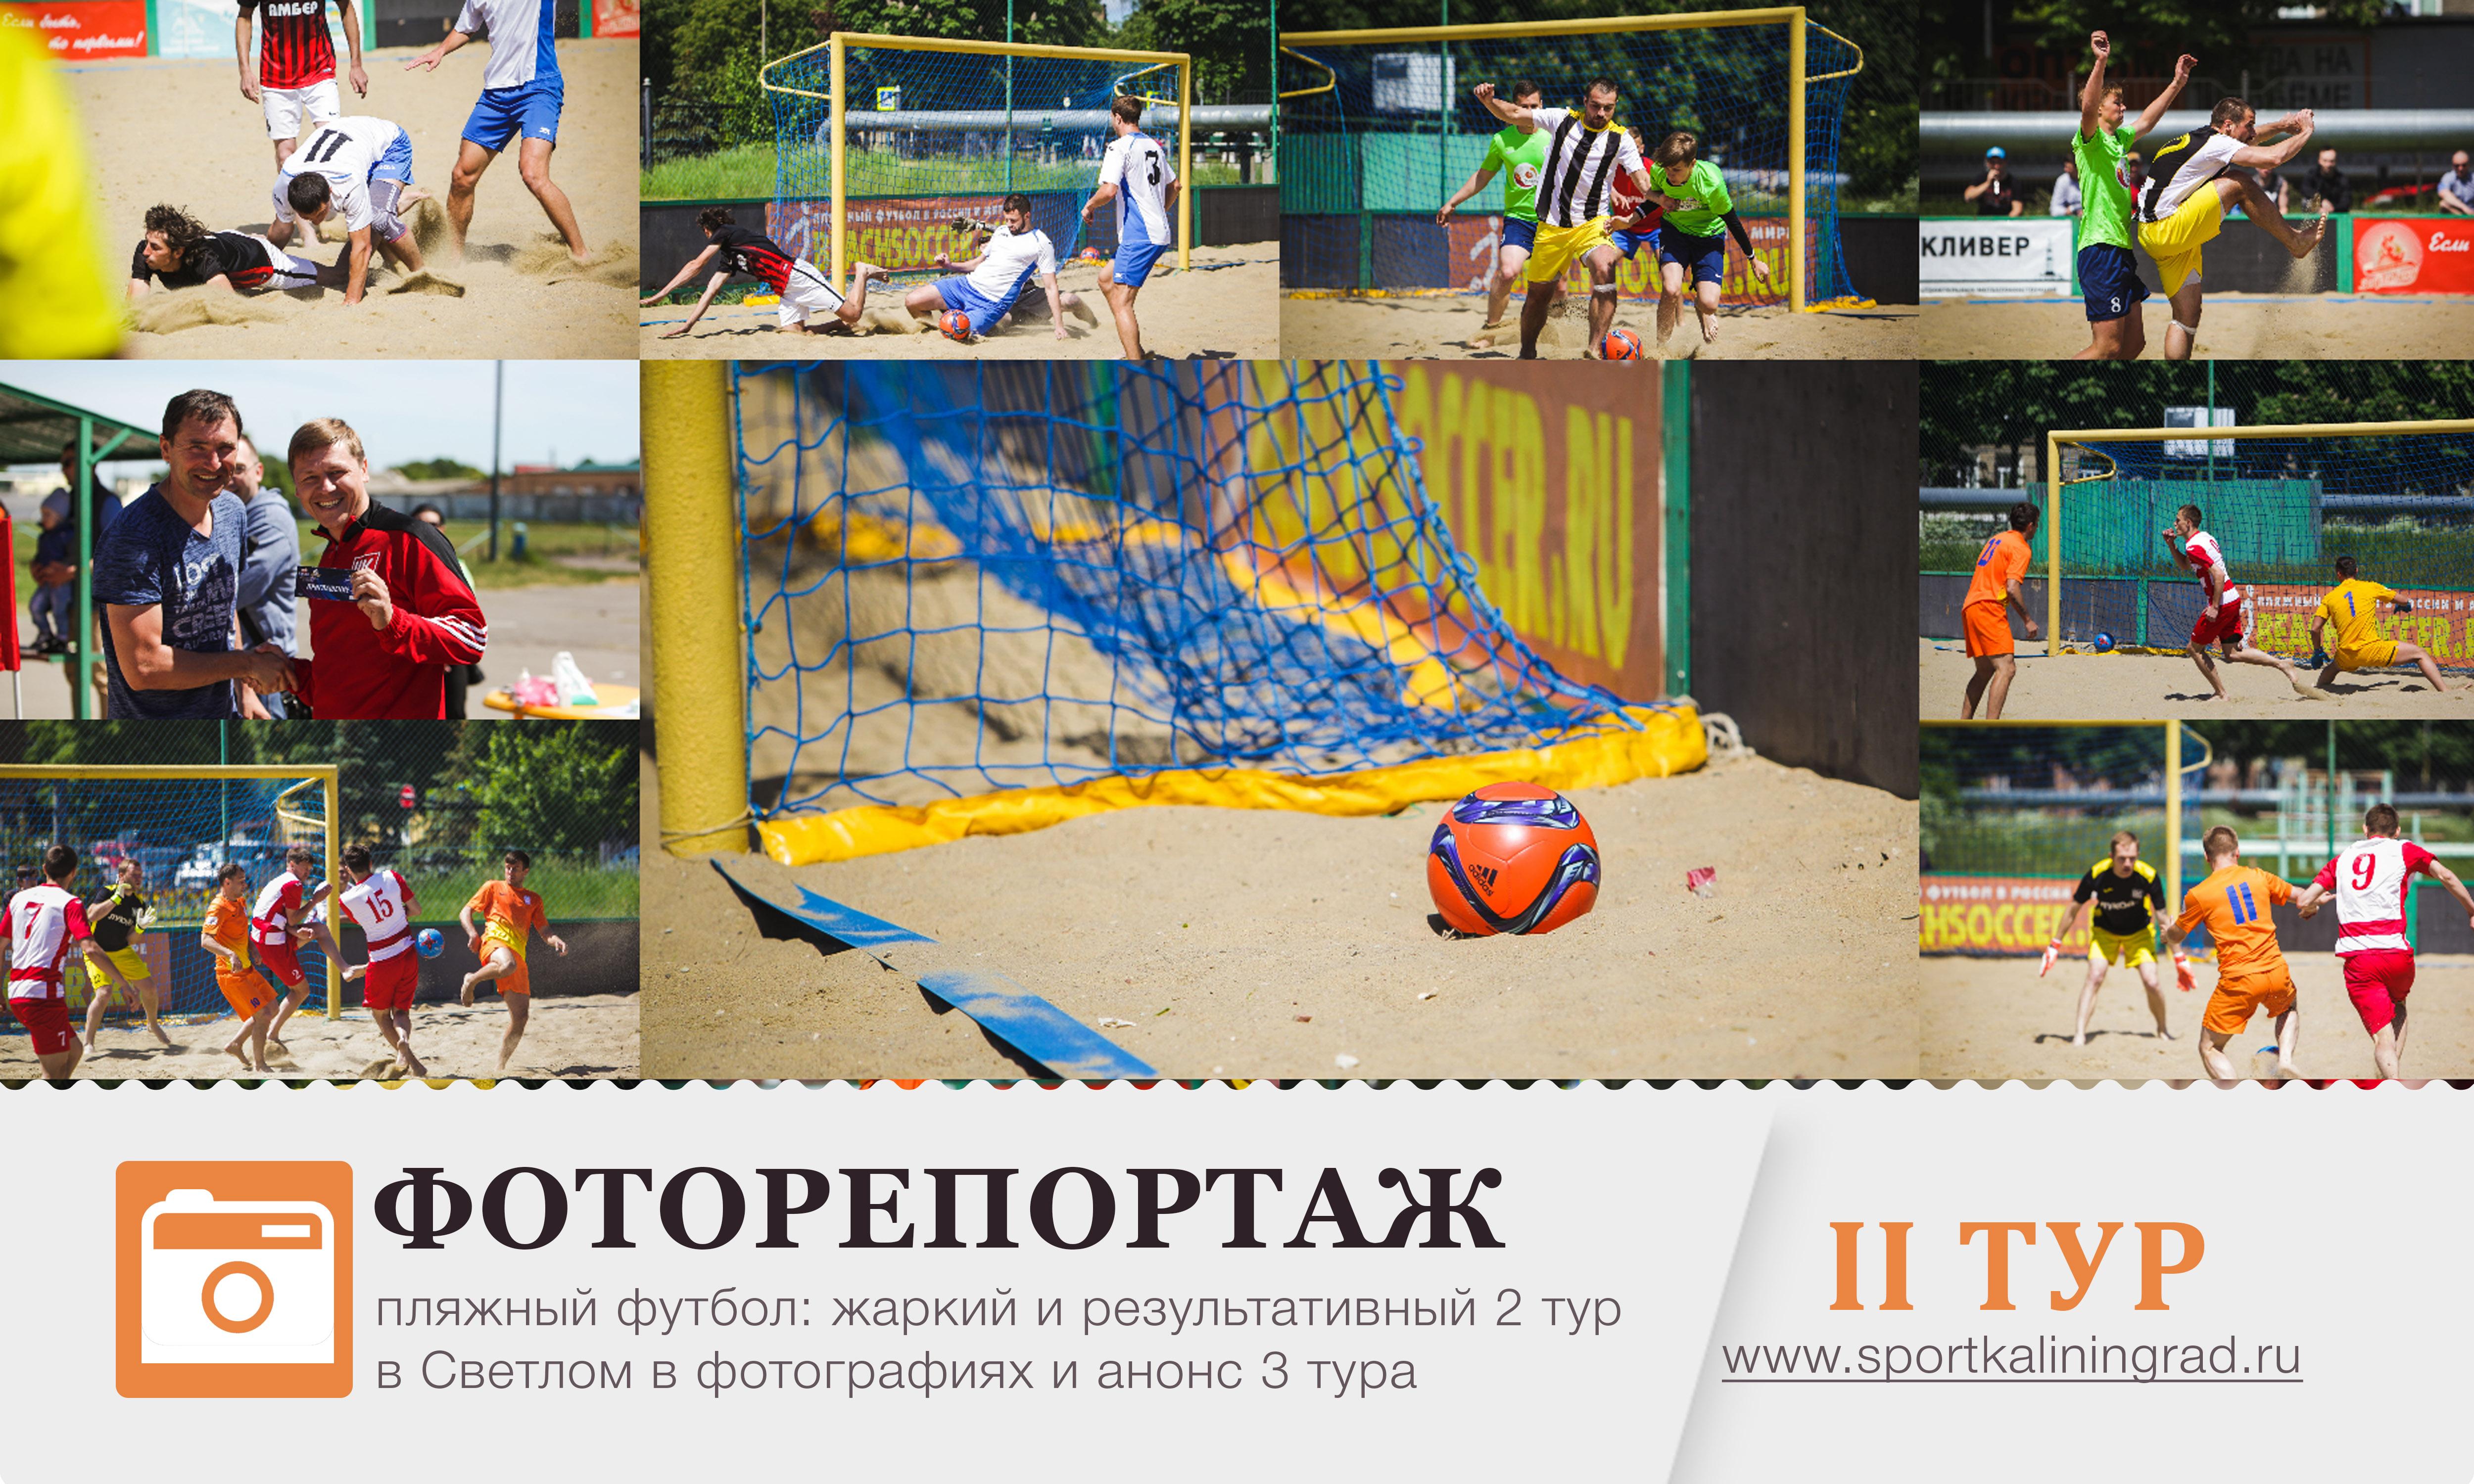 photo-beachsoccer-2-tur-kaliningrad-sportkaliningrad